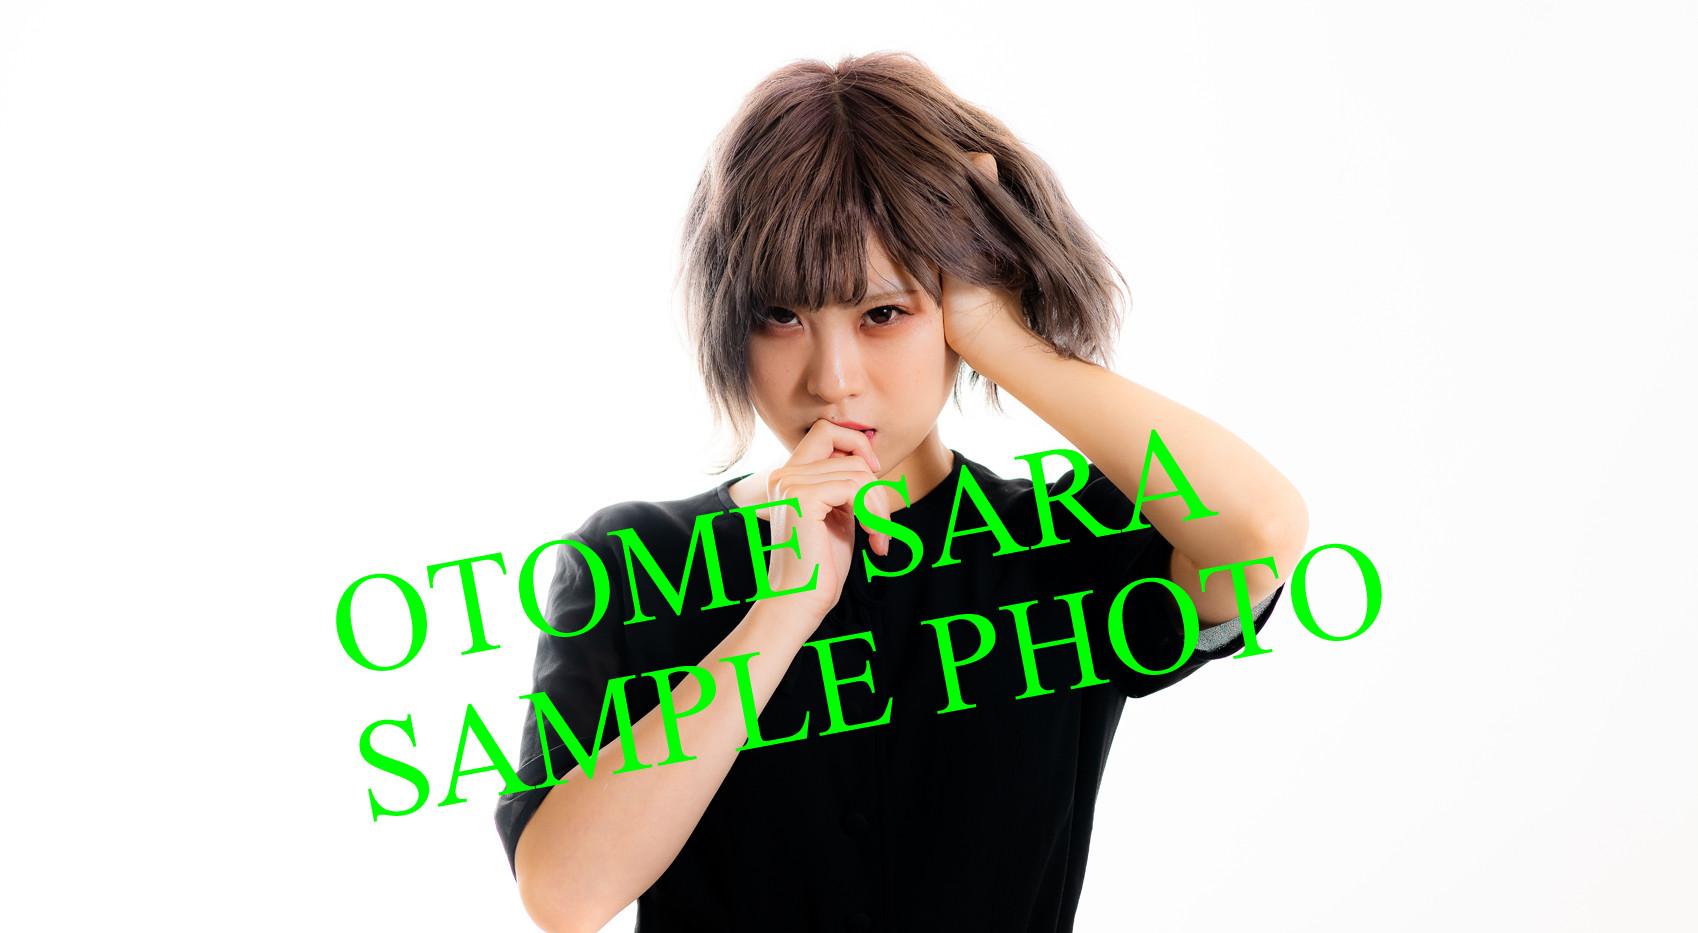 otomesara_16.jpg